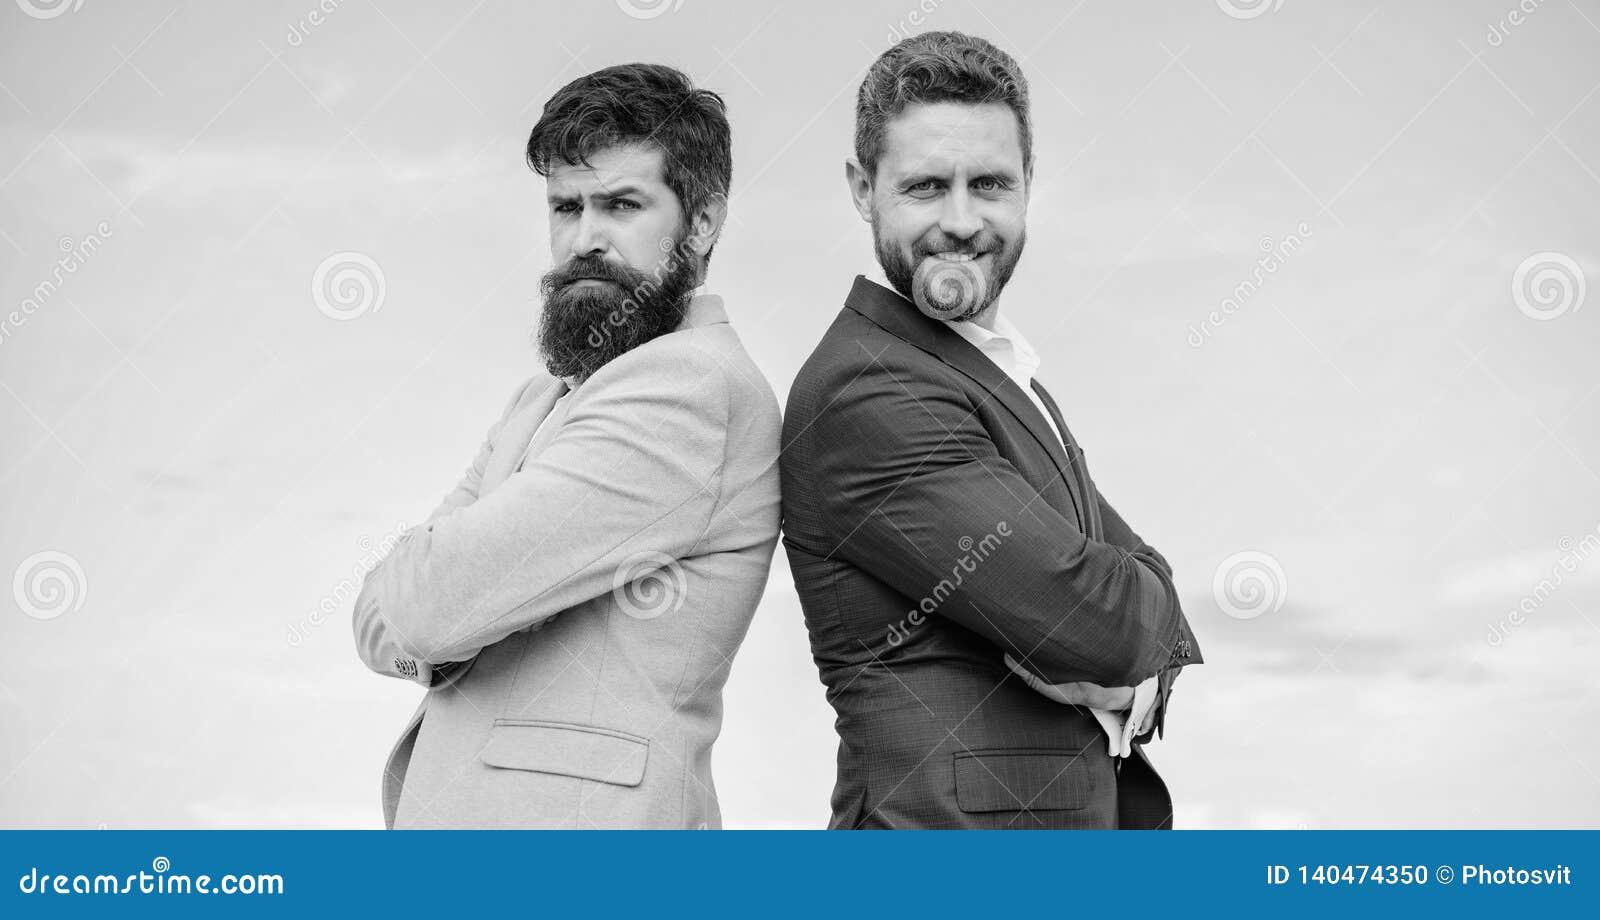 Affärsfolk begrepp Det väl ansade utseendet förbättrar affärsanseendeentreprenören Skäggigt affärsfolk